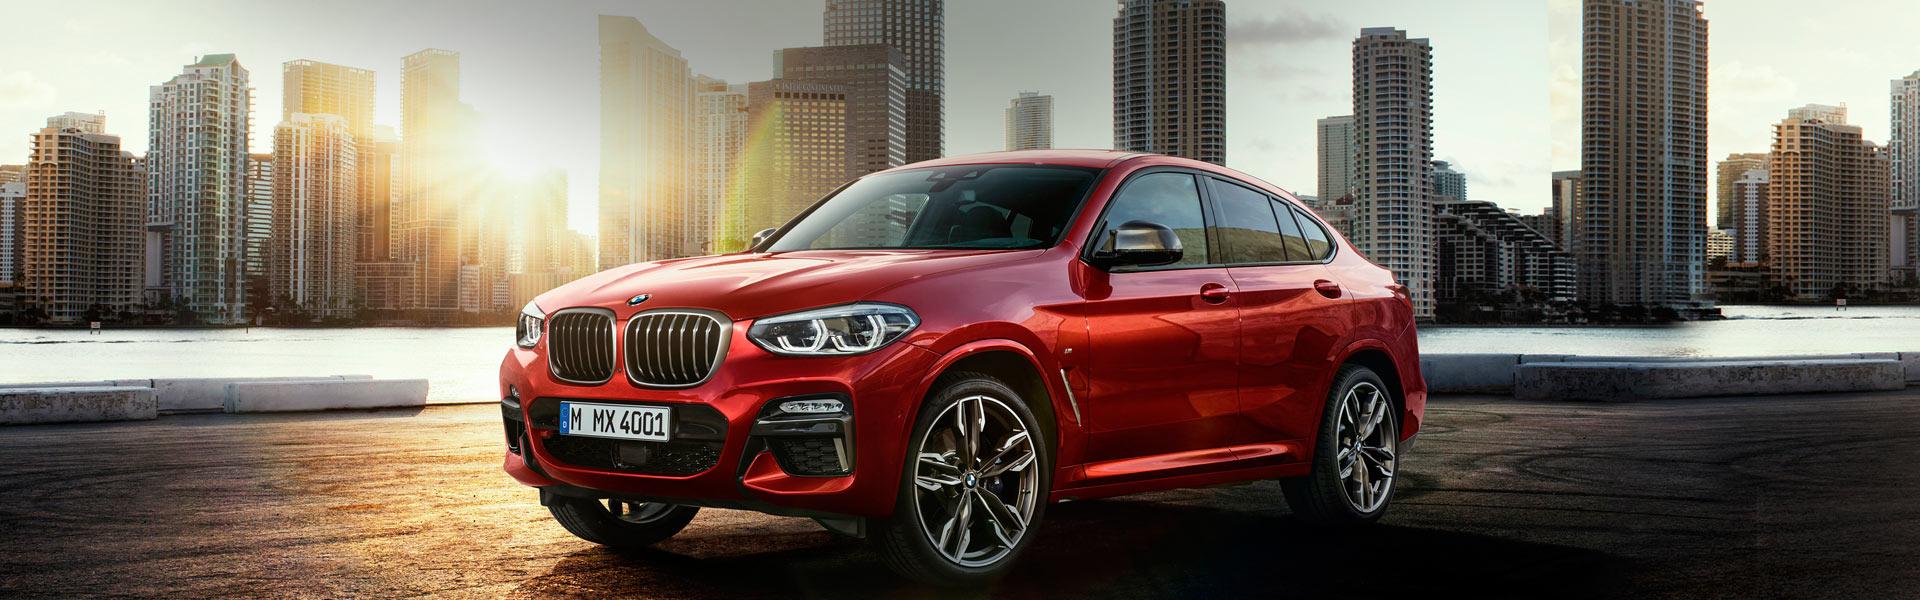 Замена втулок BMW